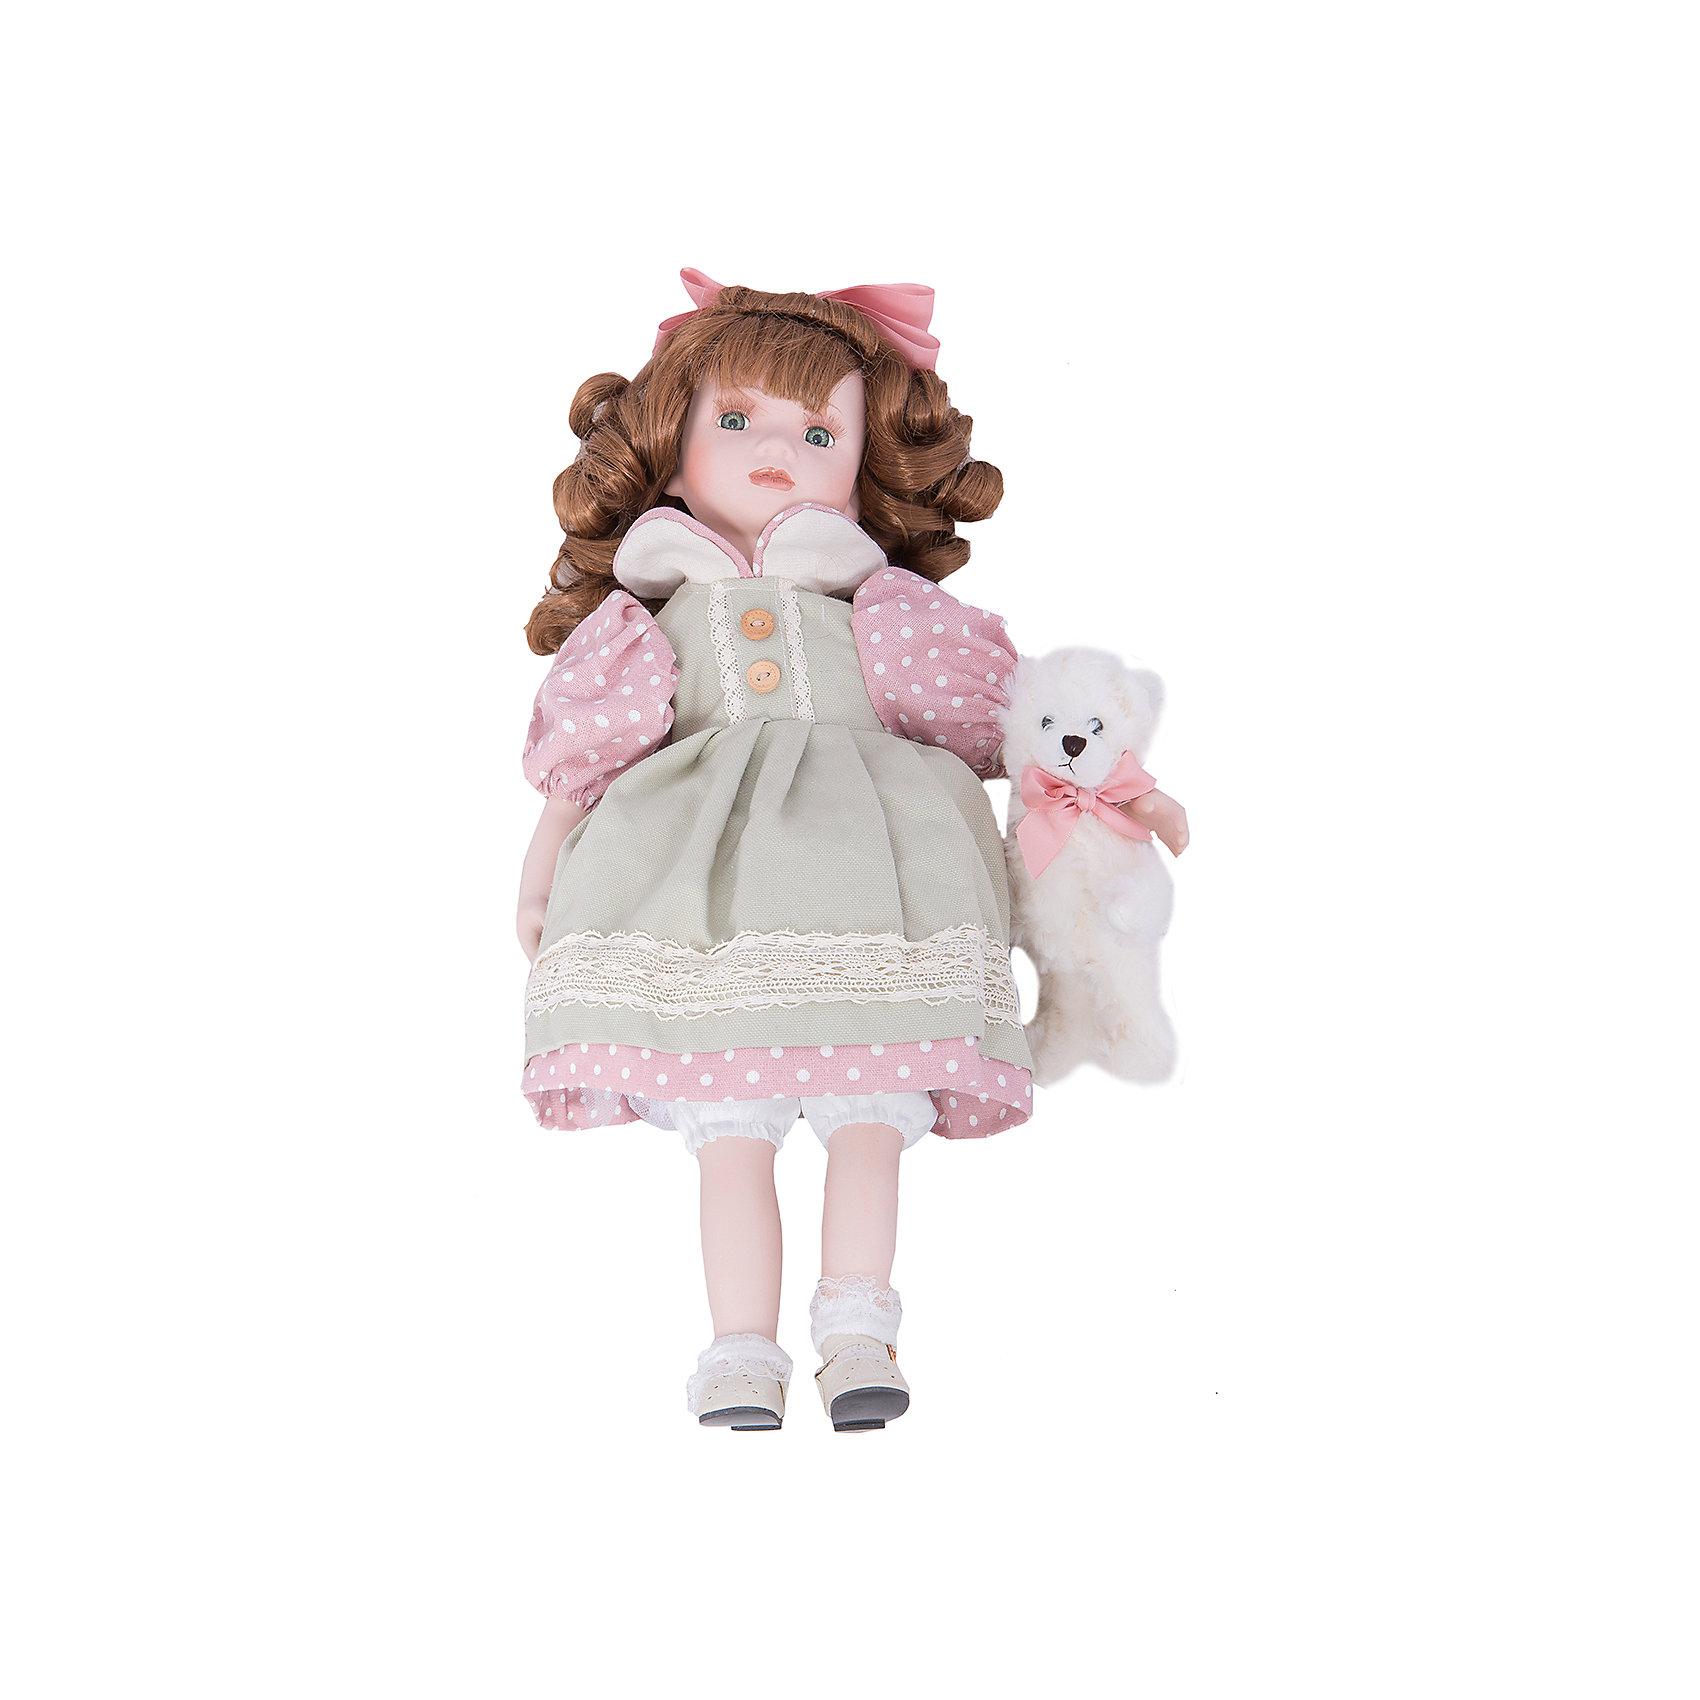 Интерьерная кукла Девочка с мишкой C21-188518, EstroПредметы интерьера<br>Характеристики интерьерной куклы:<br><br>- размеры (высота): 15* 35*12 см. <br>- тип игрушки: животные; фигурки<br>- персонаж: девочка и медведь <br>- вид упаковки: коробка<br>- возрастные ограничения: 3+<br>- комплектация: игрушка ( 2 шт.)<br>- состав: дерево, полиэстер, текстиль, полиэфир, пластик,<br>- материал изготовления: фарфор, полиэстер, ткань<br>- стиль: классический, прованс<br>- бренд: Estro <br>- страна бренда: Италия<br>- страна производитель: Китай<br><br>Интерьерная кукла девочка с каштановыми волосами и с белым мишкой придаст оригинальности Вашему интерьеру, принесет уют в Ваш дом. При изготовлении интерьерных кукол торговой марки Estro применяются только качественные, высококлассные материалы.<br><br>Интерьерную куклу девочка с медвежонком итальянской торговой марки Estro можно купить в нашем интернет-магазине.<br><br>Ширина мм: 100<br>Глубина мм: 150<br>Высота мм: 450<br>Вес г: 950<br>Возраст от месяцев: 36<br>Возраст до месяцев: 1188<br>Пол: Женский<br>Возраст: Детский<br>SKU: 5356614